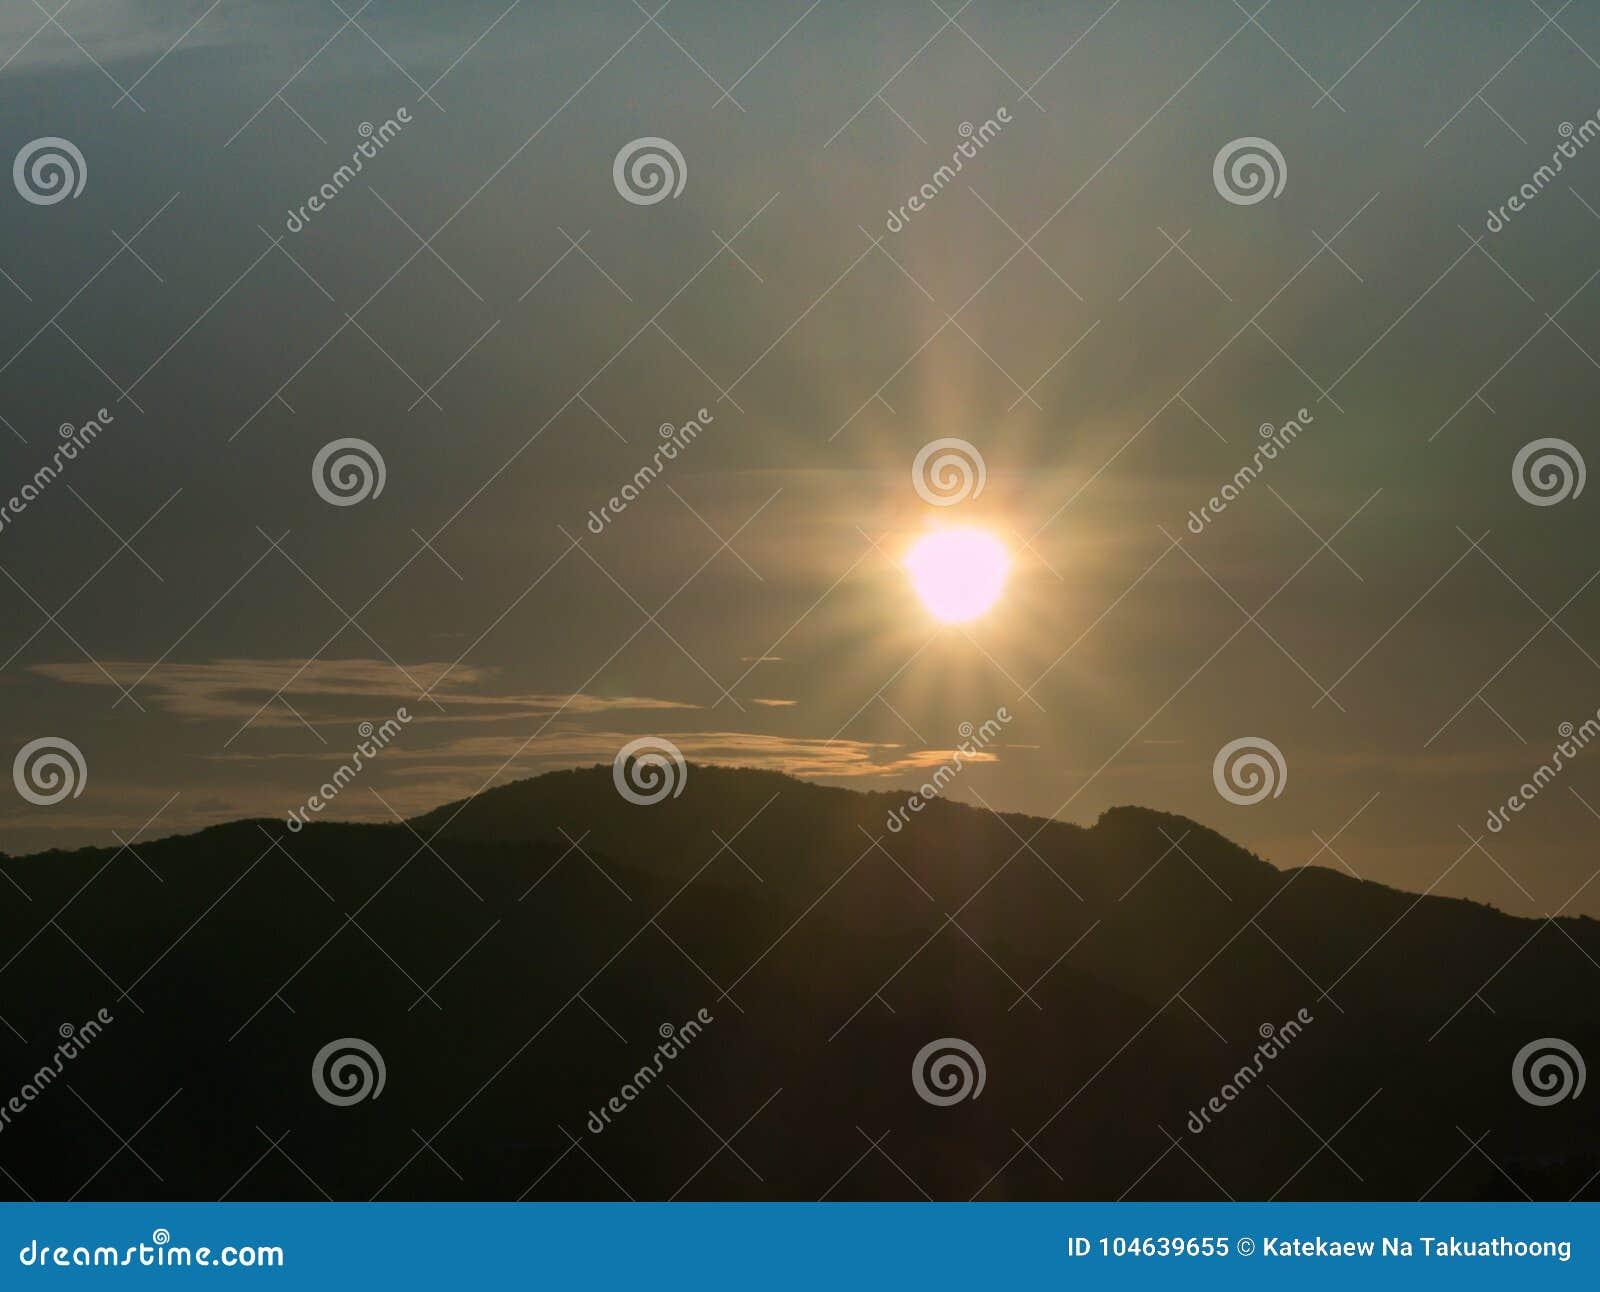 Download Blauwe Hemel Met Bewolkte Berg Als Achtergrond En Silhouet Stock Afbeelding - Afbeelding bestaande uit lucht, kleur: 104639655